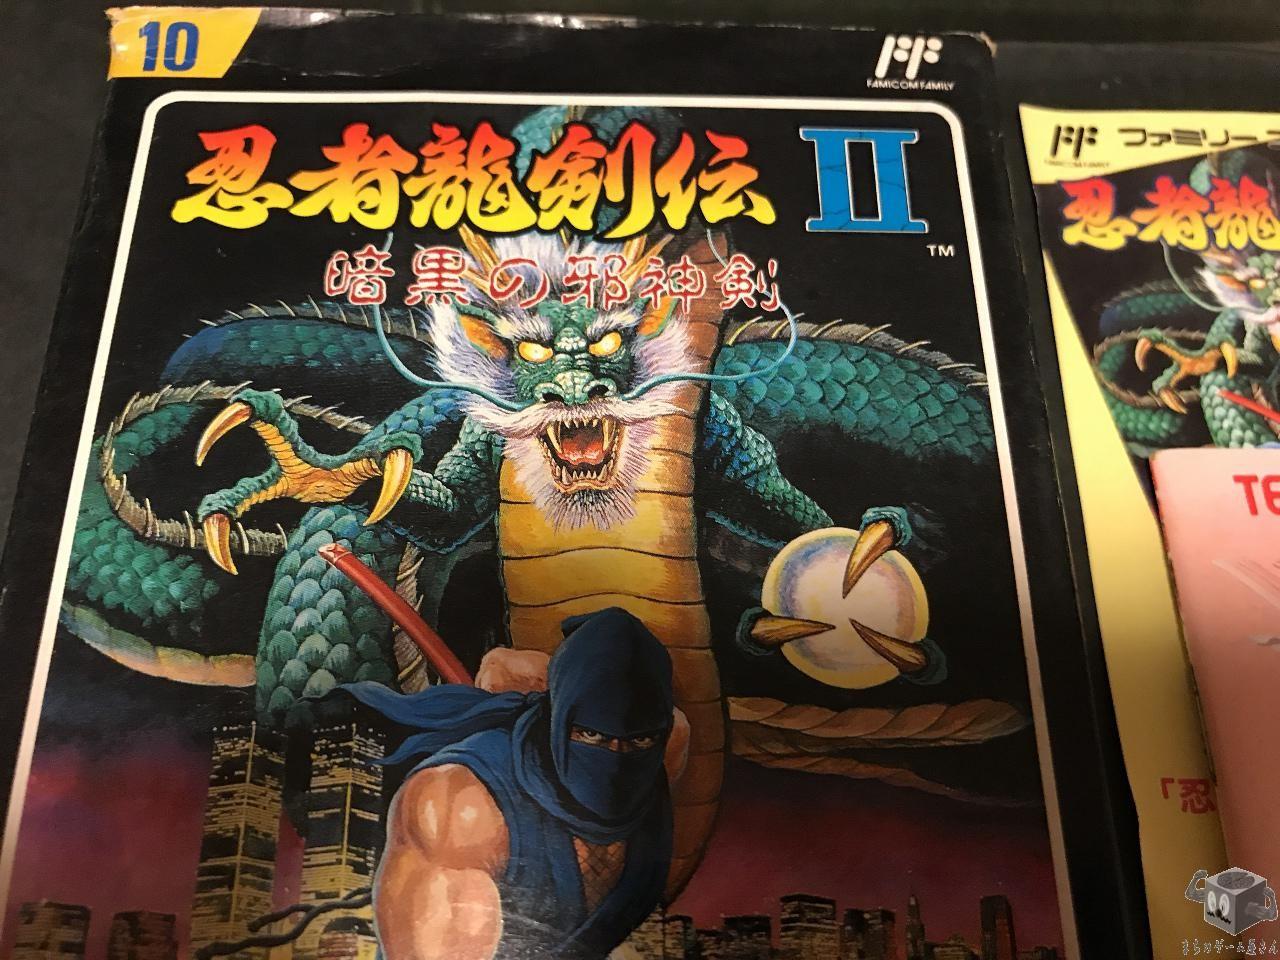 [FC] Ninja Gaiden II 2 : The Dark Sword of Chaos